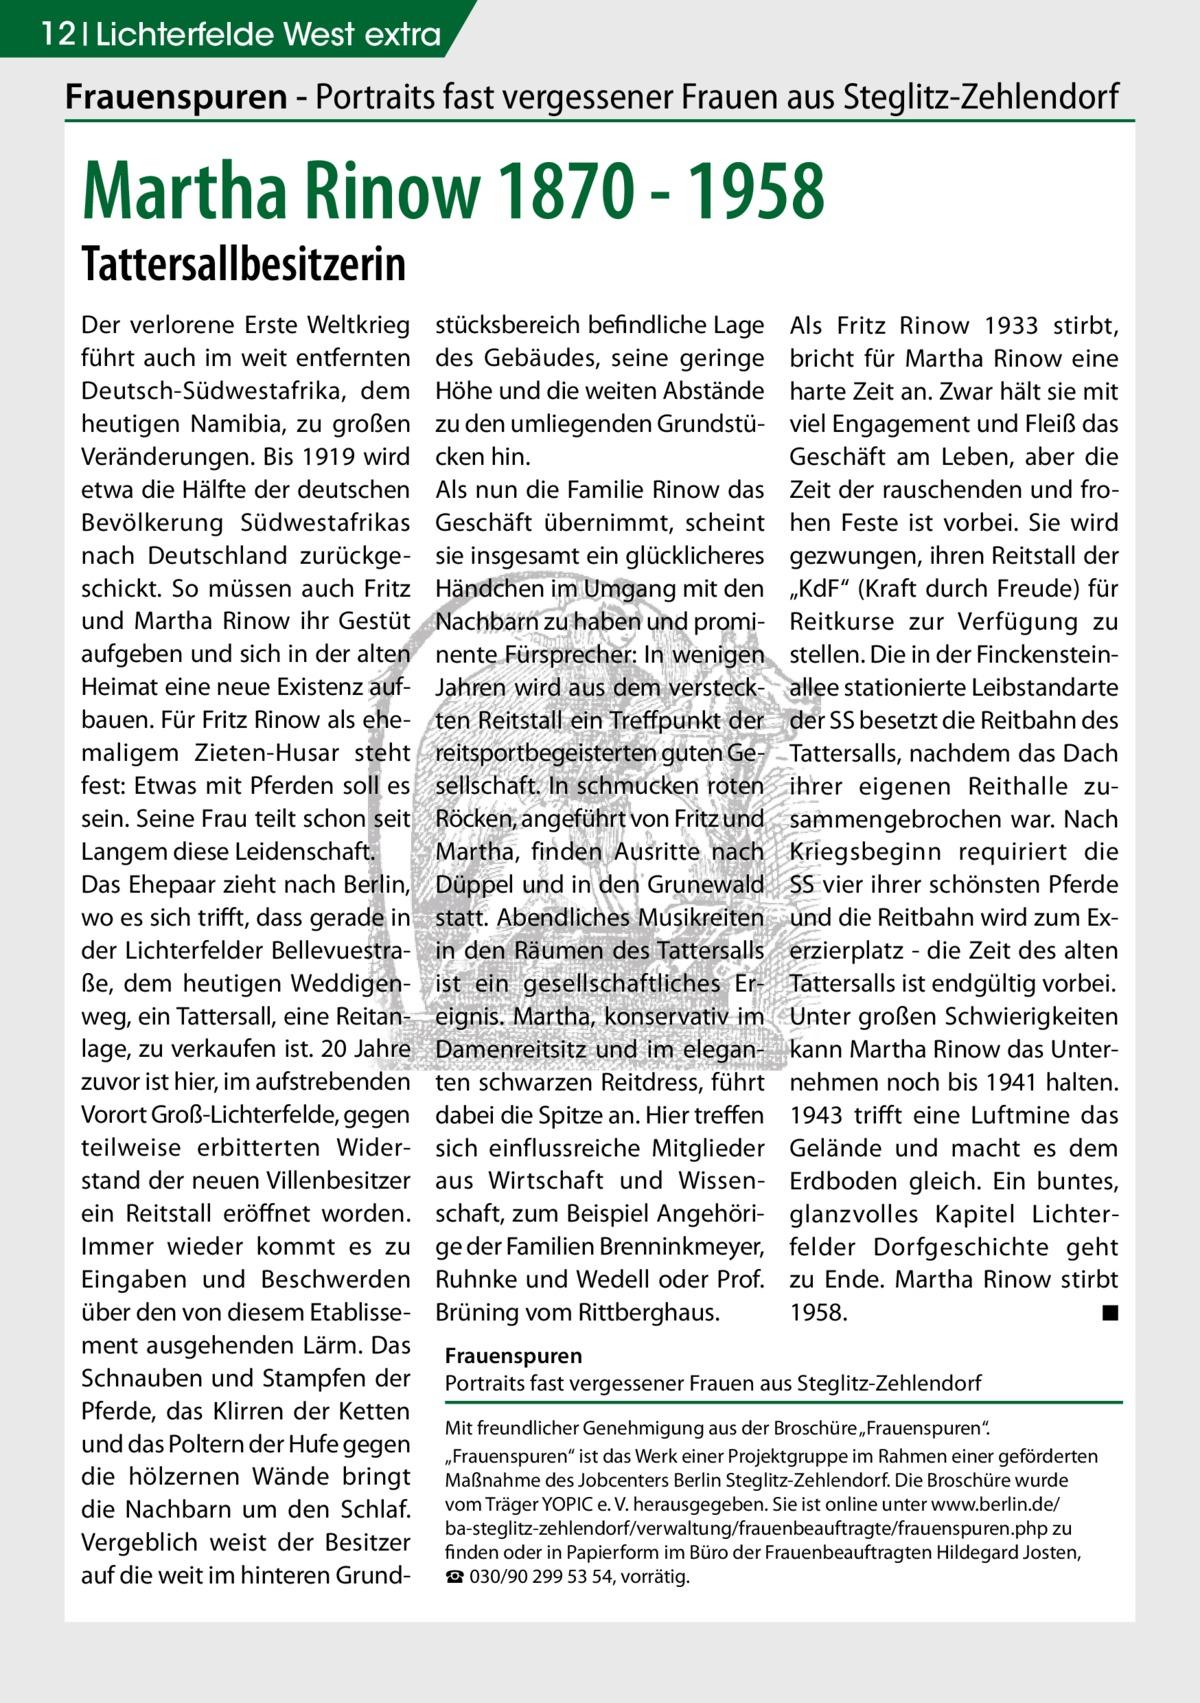 12 Lichterfelde West extra  Frauenspuren - Portraits fast vergessener Frauen aus Steglitz-Zehlendorf  Martha Rinow 1870 - 1958 Tattersallbesitzerin  Der verlorene Erste Weltkrieg führt auch im weit entfernten Deutsch-Südwestafrika, dem heutigen Namibia, zu großen Veränderungen. Bis 1919 wird etwa die Hälfte der deutschen Bevölkerung Südwestafrikas nach Deutschland zurückgeschickt. So müssen auch Fritz und Martha Rinow ihr Gestüt aufgeben und sich in der alten Heimat eine neue Existenz aufbauen. Für Fritz Rinow als ehemaligem Zieten-Husar steht fest: Etwas mit Pferden soll es sein. Seine Frau teilt schon seit Langem diese Leidenschaft. Das Ehepaar zieht nach Berlin, wo es sich trifft, dass gerade in der Lichterfelder Bellevuestraße, dem heutigen Weddigenweg, ein Tattersall, eine Reitanlage, zu verkaufen ist. 20 Jahre zuvor ist hier, im aufstrebenden Vorort Groß-Lichterfelde, gegen teilweise erbitterten Widerstand der neuen Villenbesitzer ein Reitstall eröffnet worden. Immer wieder kommt es zu Eingaben und Beschwerden über den von diesem Etablissement ausgehenden Lärm. Das Schnauben und Stampfen der Pferde, das Klirren der Ketten und das Poltern der Hufe gegen die hölzernen Wände bringt die Nachbarn um den Schlaf. Vergeblich weist der Besitzer auf die weit im hinteren Grund stücksbereich befindliche Lage des Gebäudes, seine geringe Höhe und die weiten Abstände zu den umliegenden Grundstücken hin. Als nun die Familie Rinow das Geschäft übernimmt, scheint sie insgesamt ein glücklicheres Händchen im Umgang mit den Nachbarn zu haben und prominente Fürsprecher: In wenigen Jahren wird aus dem versteckten Reitstall ein Treffpunkt der reitsportbegeisterten guten Gesellschaft. In schmucken roten Röcken, angeführt von Fritz und Martha, finden Ausritte nach Düppel und in den Grunewald statt. Abendliches Musikreiten in den Räumen des Tattersalls ist ein gesellschaftliches Ereignis. Martha, konservativ im Damenreitsitz und im eleganten schwarzen Reitdress, führt dabei die Spitze a